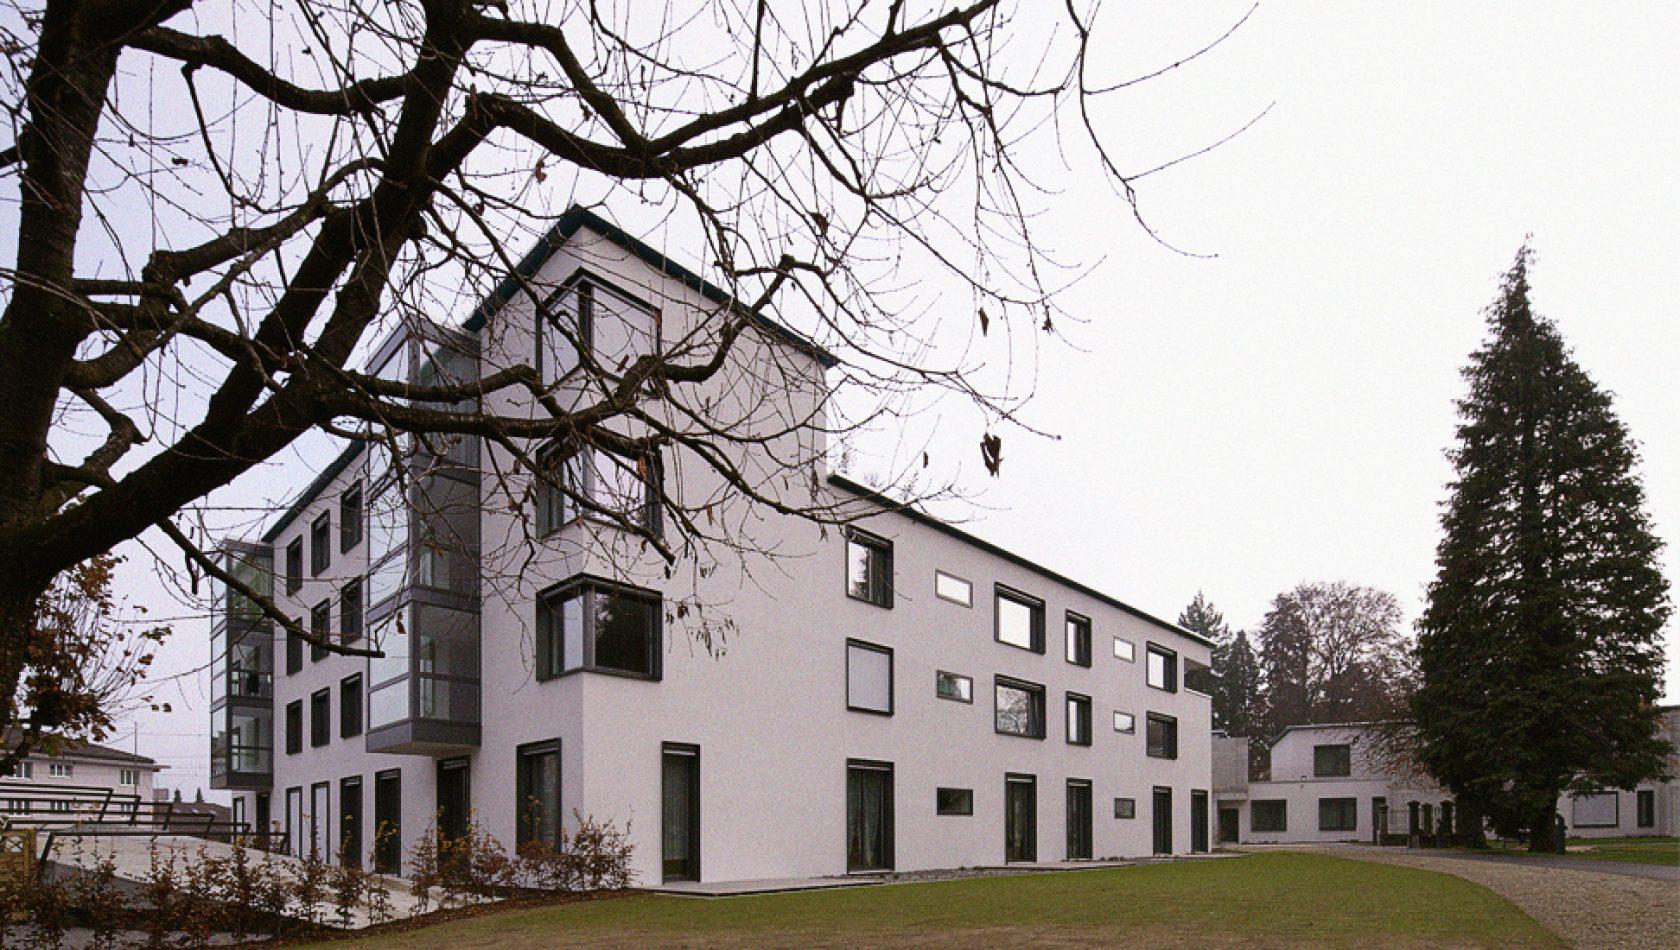 Wohnen im Alter, Seon - by MANTEL Architects